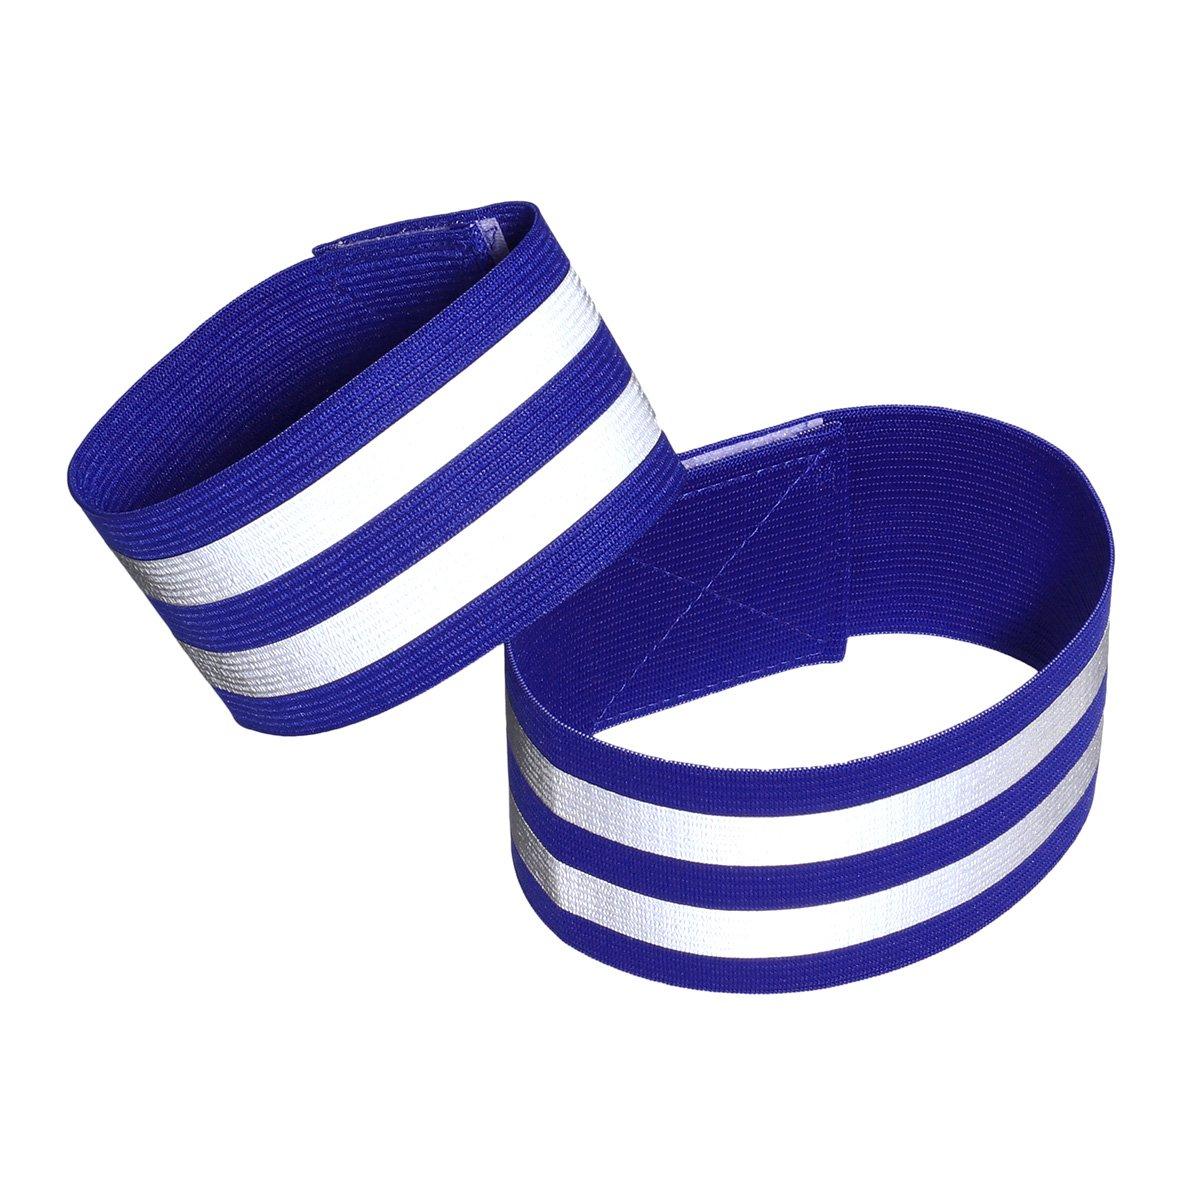 LIOOBO 1 para Reflektierende Bänder für Handgelenk Arm Knöchelbein Reflektierende Laufbekleidung für Männer Frauen Nacht Laufen Radfahren Wandern Fahrrad (Blau)